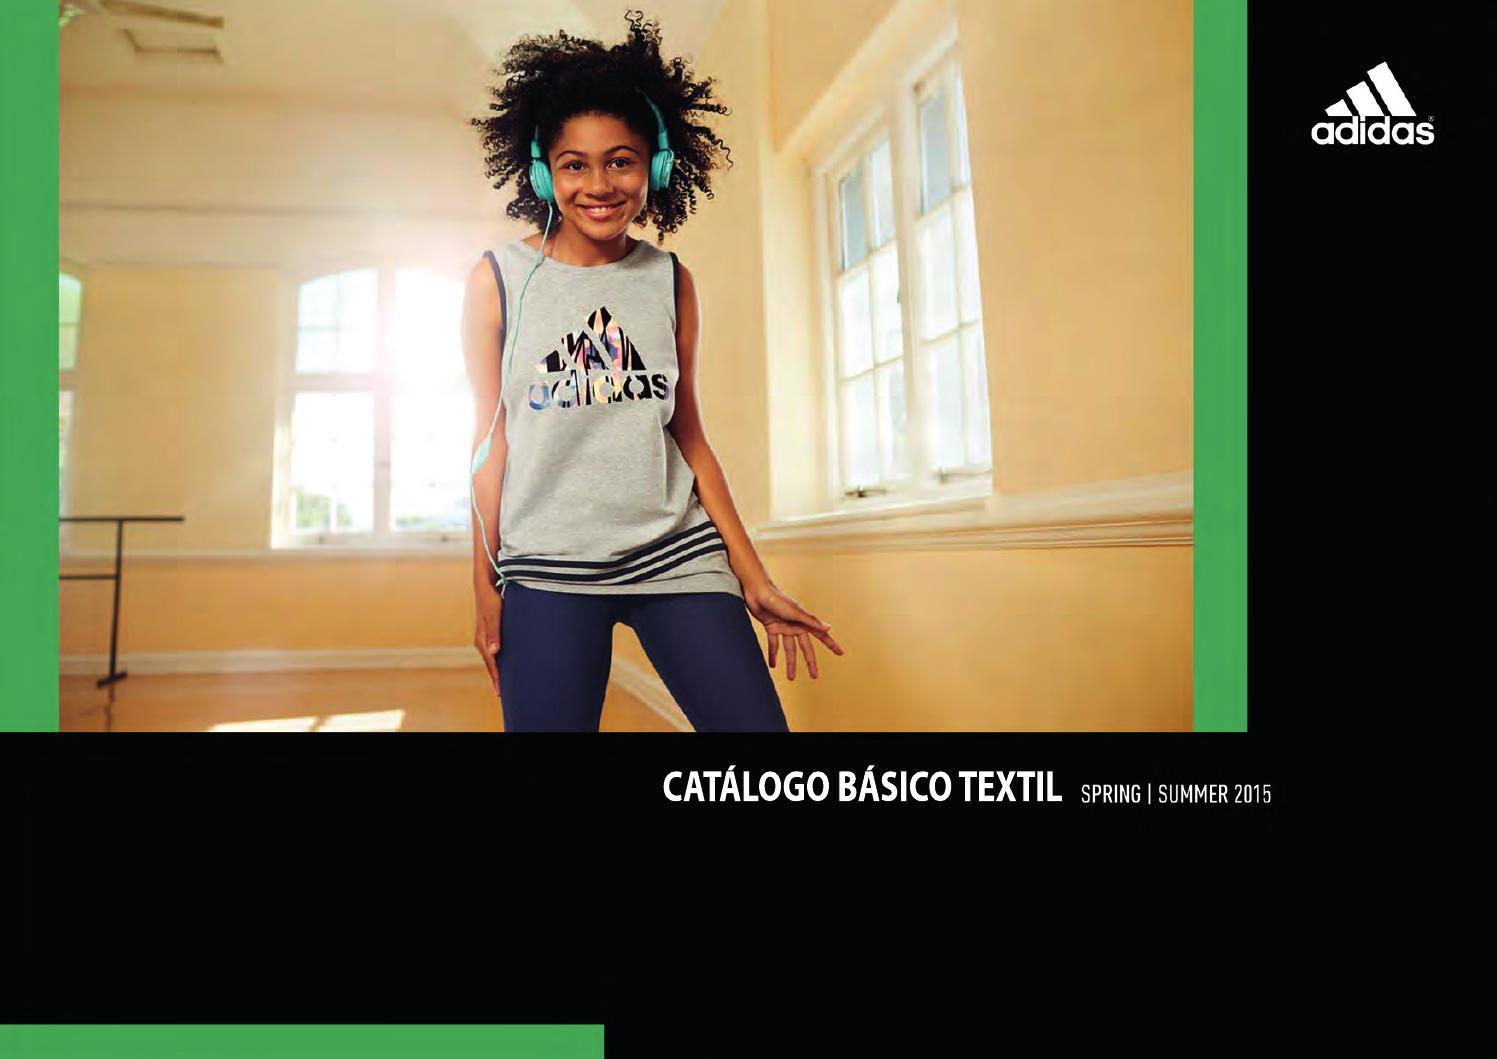 73f3db490edf Bsico textil ss15 q1 low by Futbol y mas Deportes - issuu